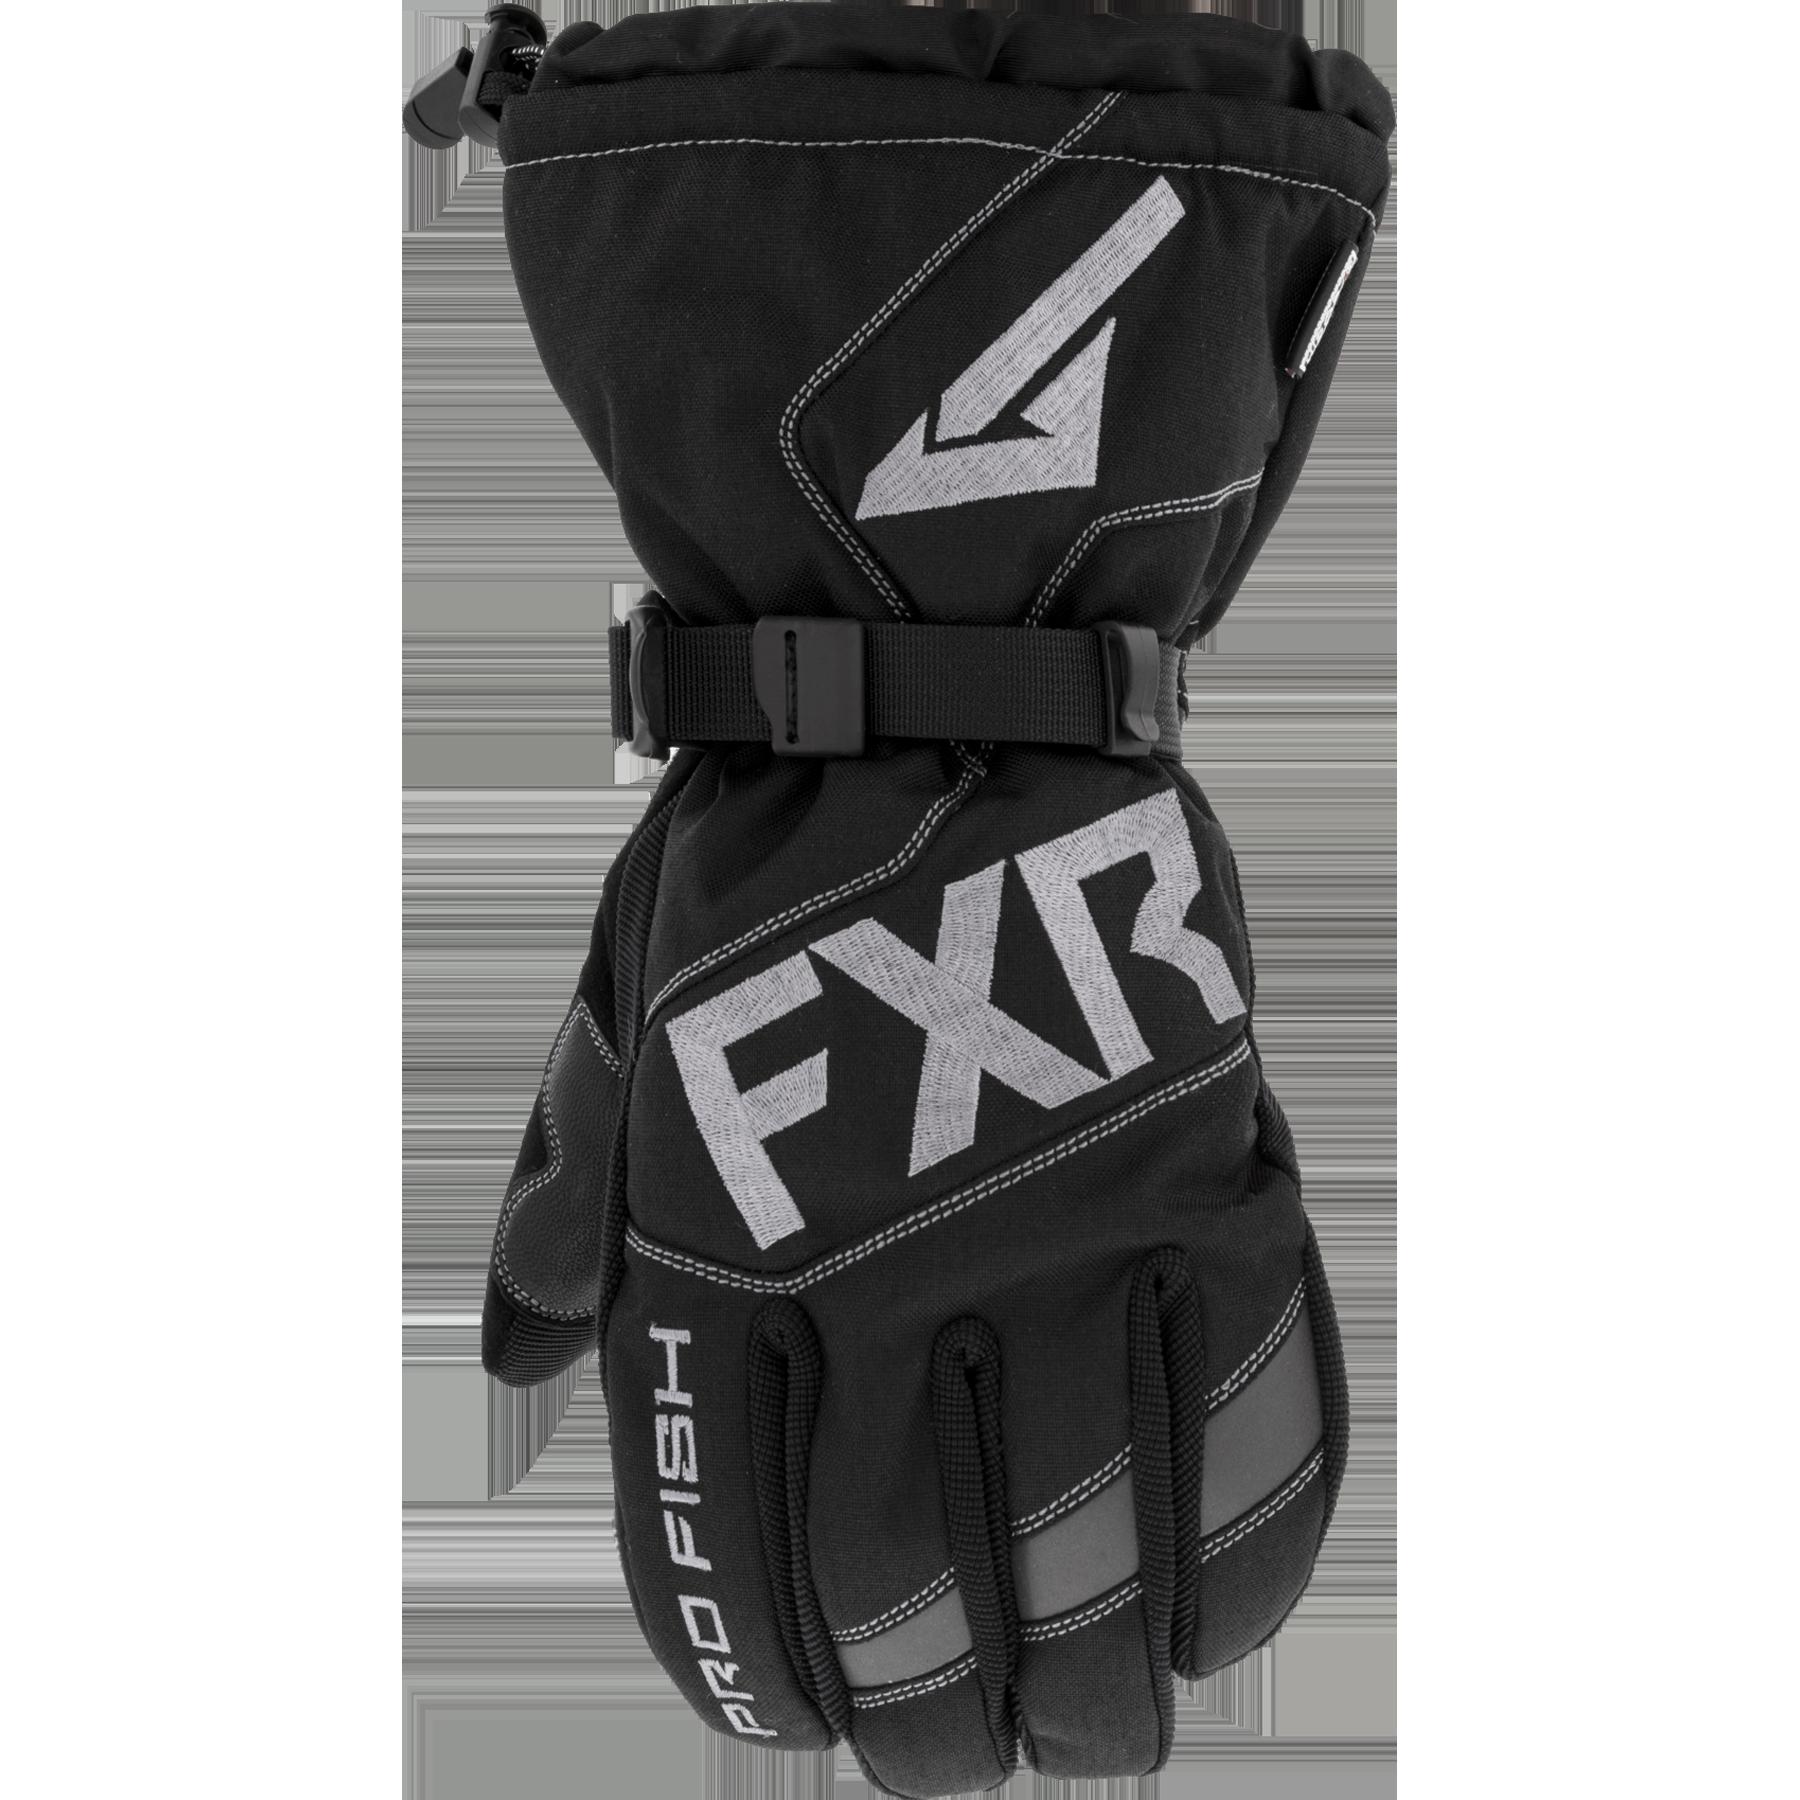 Excursion Pro Fish Glove 22 KI5-7